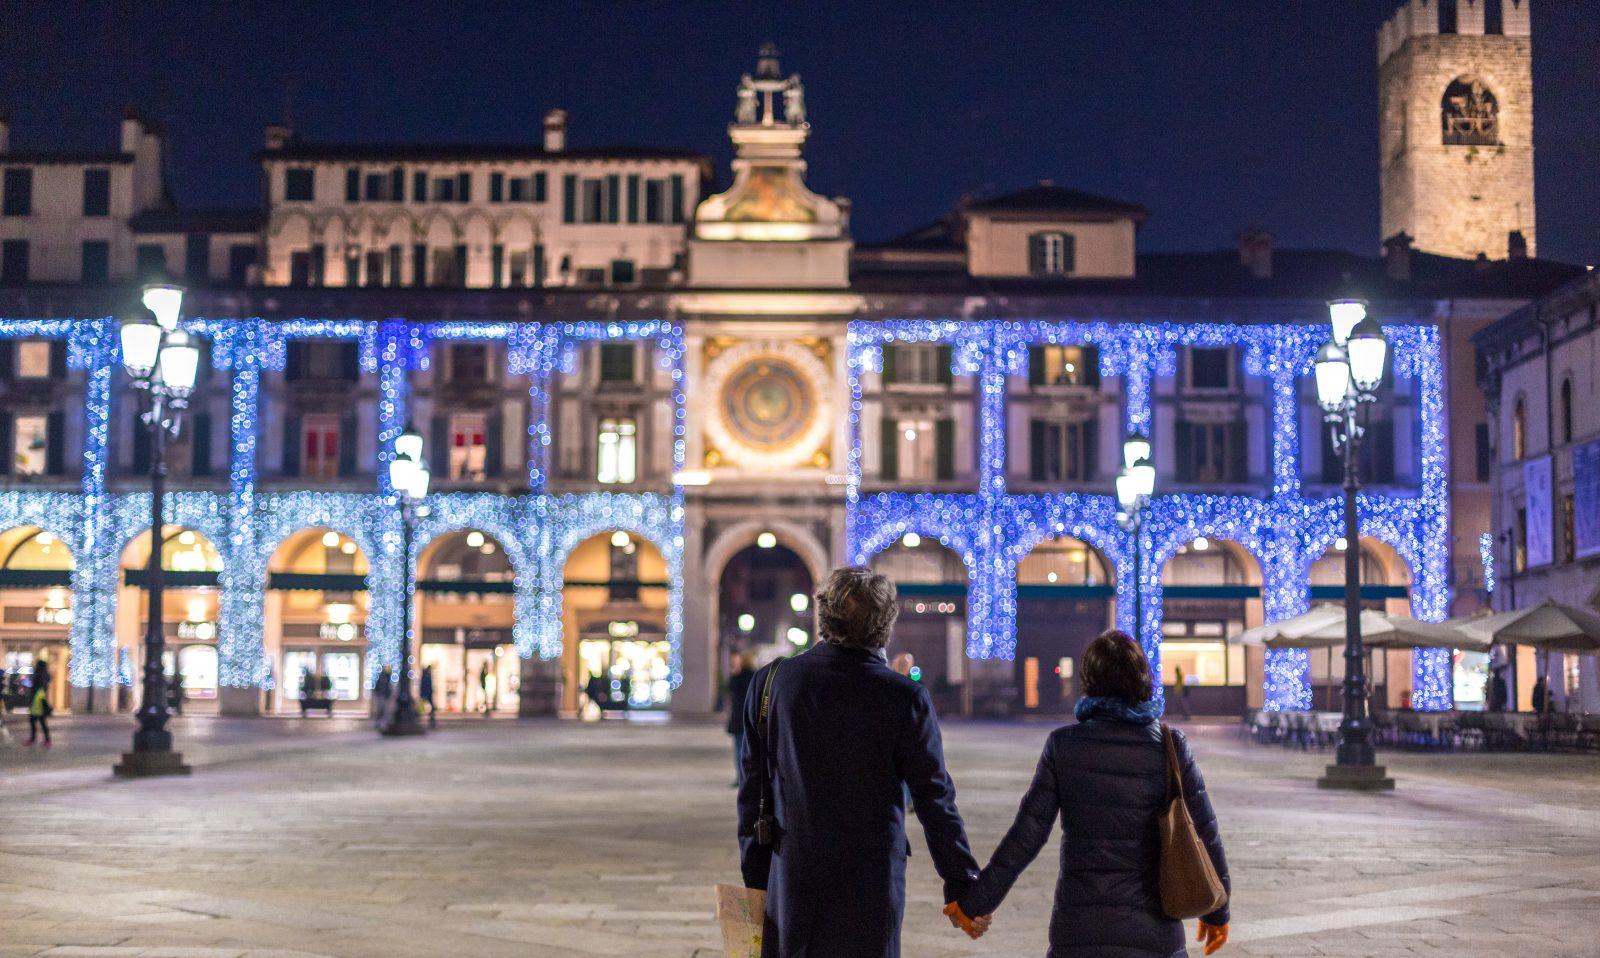 Coppia che passeggia in Piazza Loggia con luci di Natale